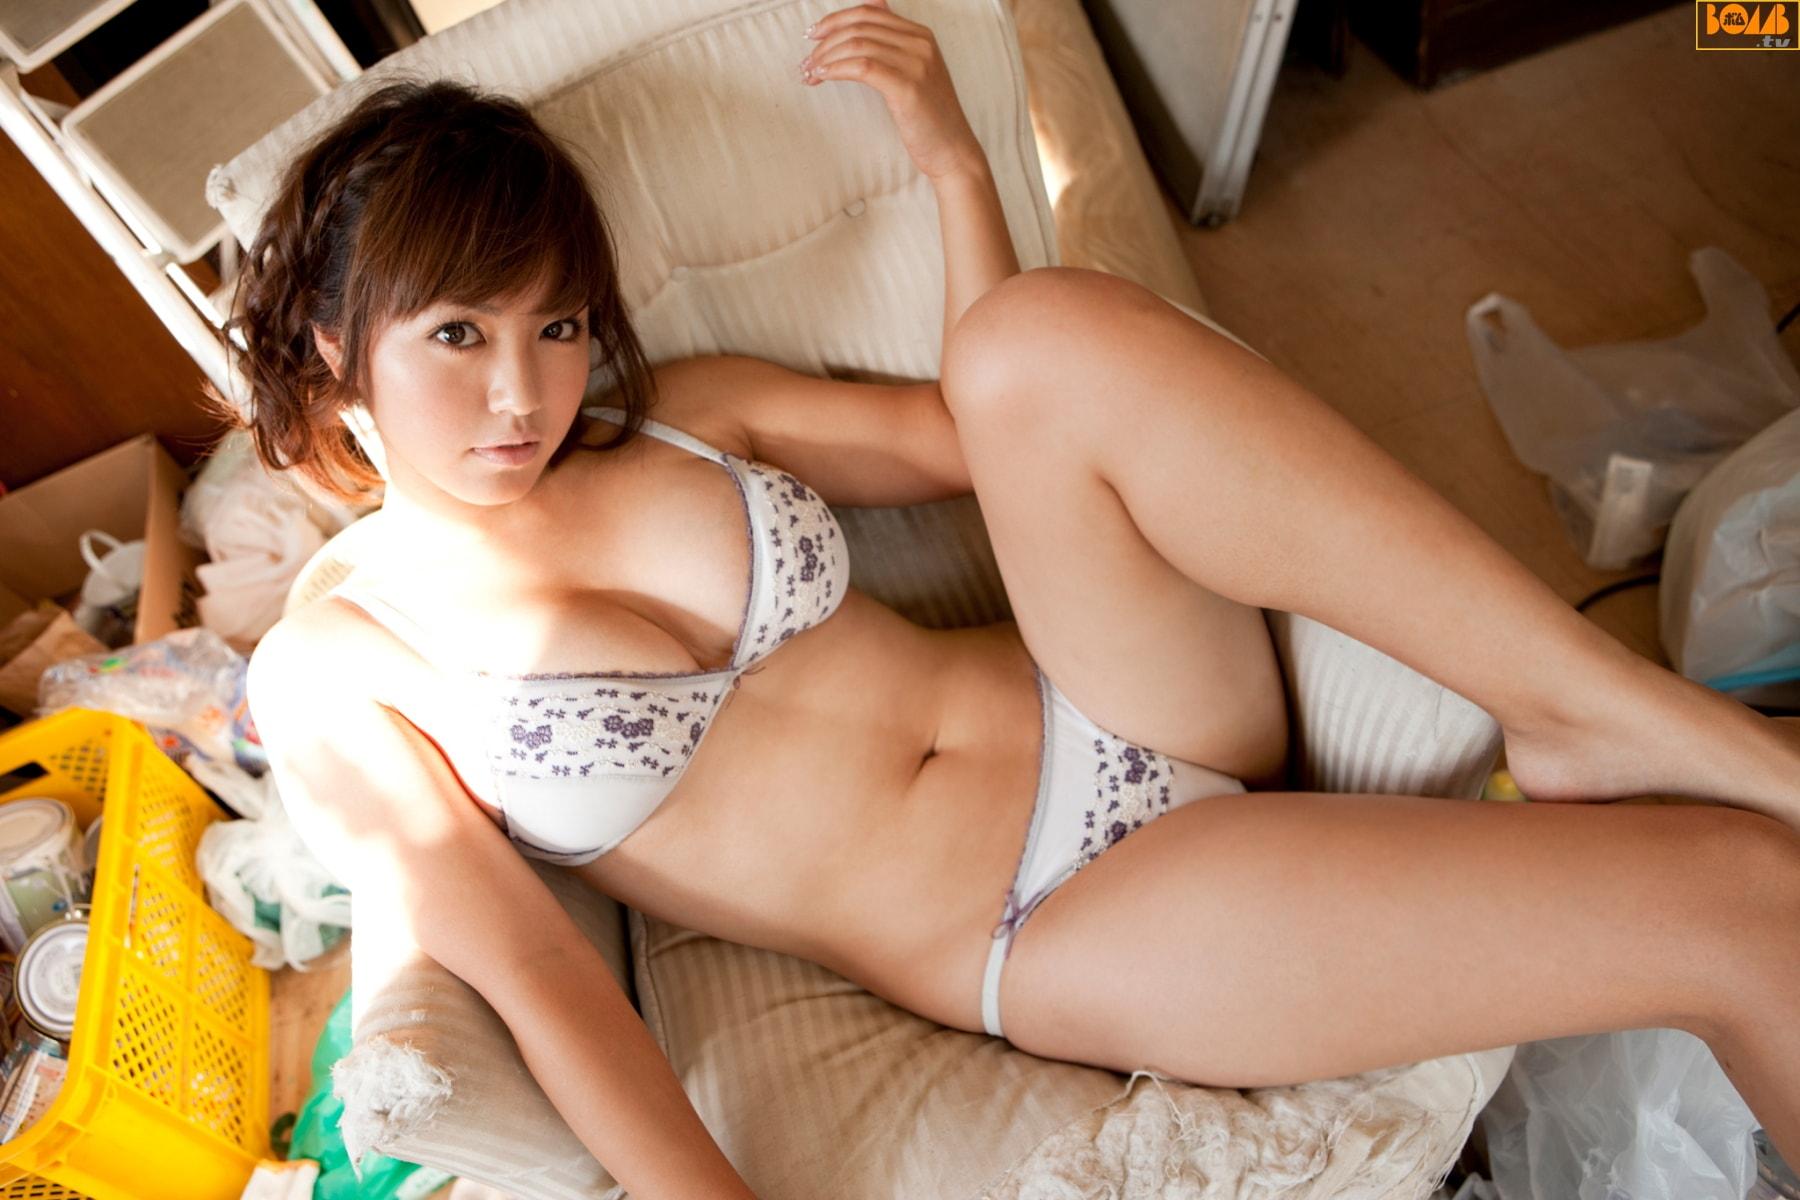 磯山さやか BOMB.tv 2010.03 Sayaka Isoyama  24photos